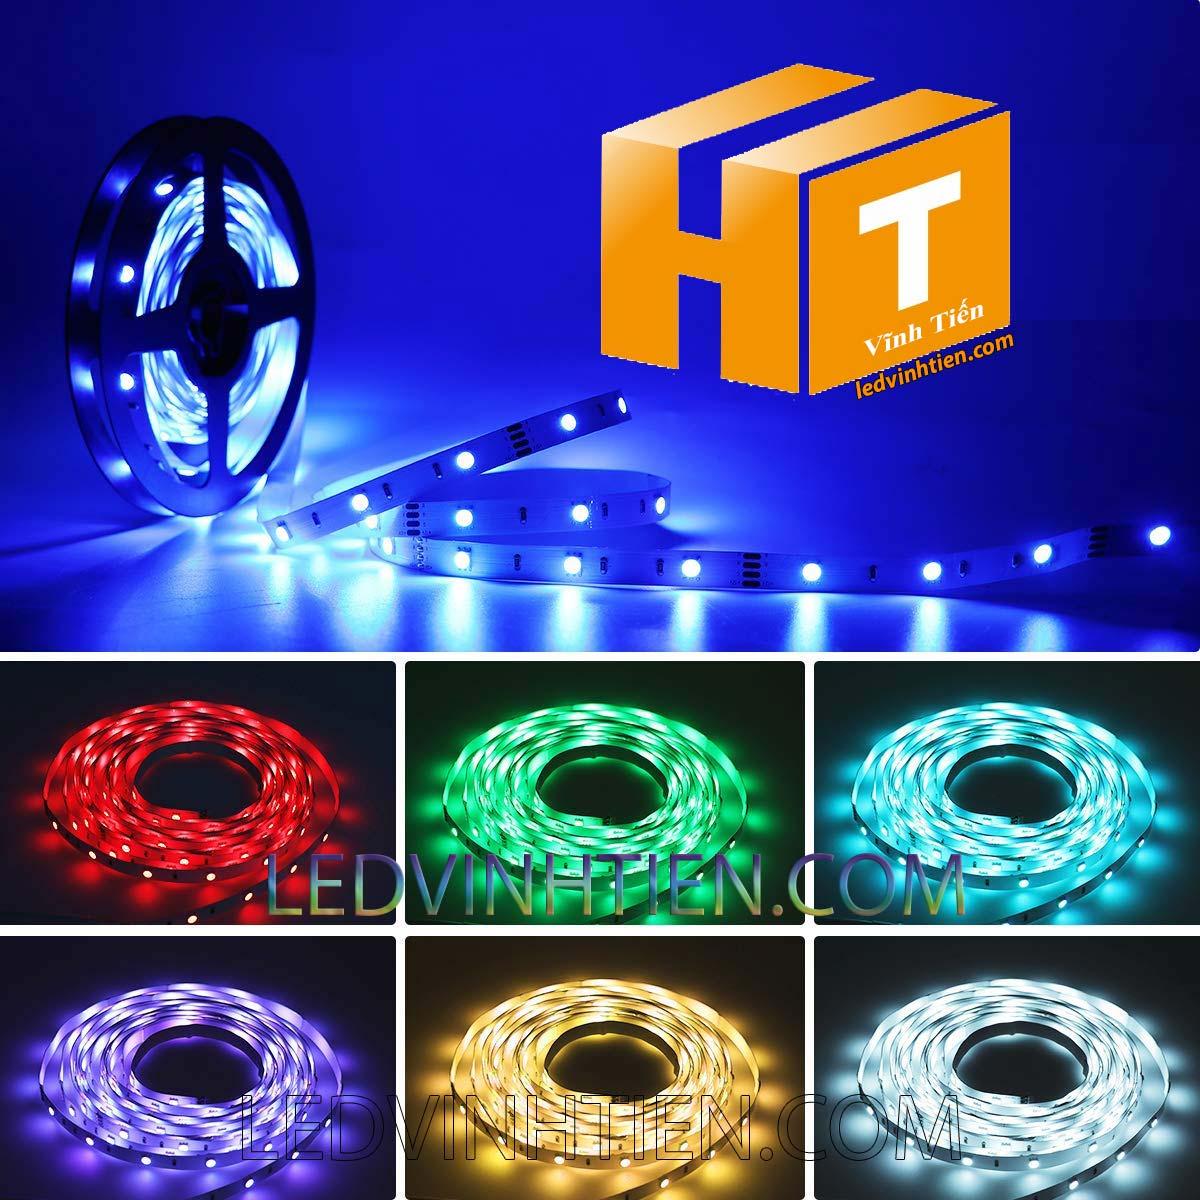 Ảnh chụp nhiều góc cạnh của đèn LED DÂY DÁN chip SMD 5054 ánh sáng màu xanh lá siêu sáng là loại led dây dán cuộn dài 5m, chạy điện 12V, dùng chiếu sáng nội thất, tủ kệ, quầy bar, bếp, hắt trần, trang trí quán cà phê, ledvinhtien.com